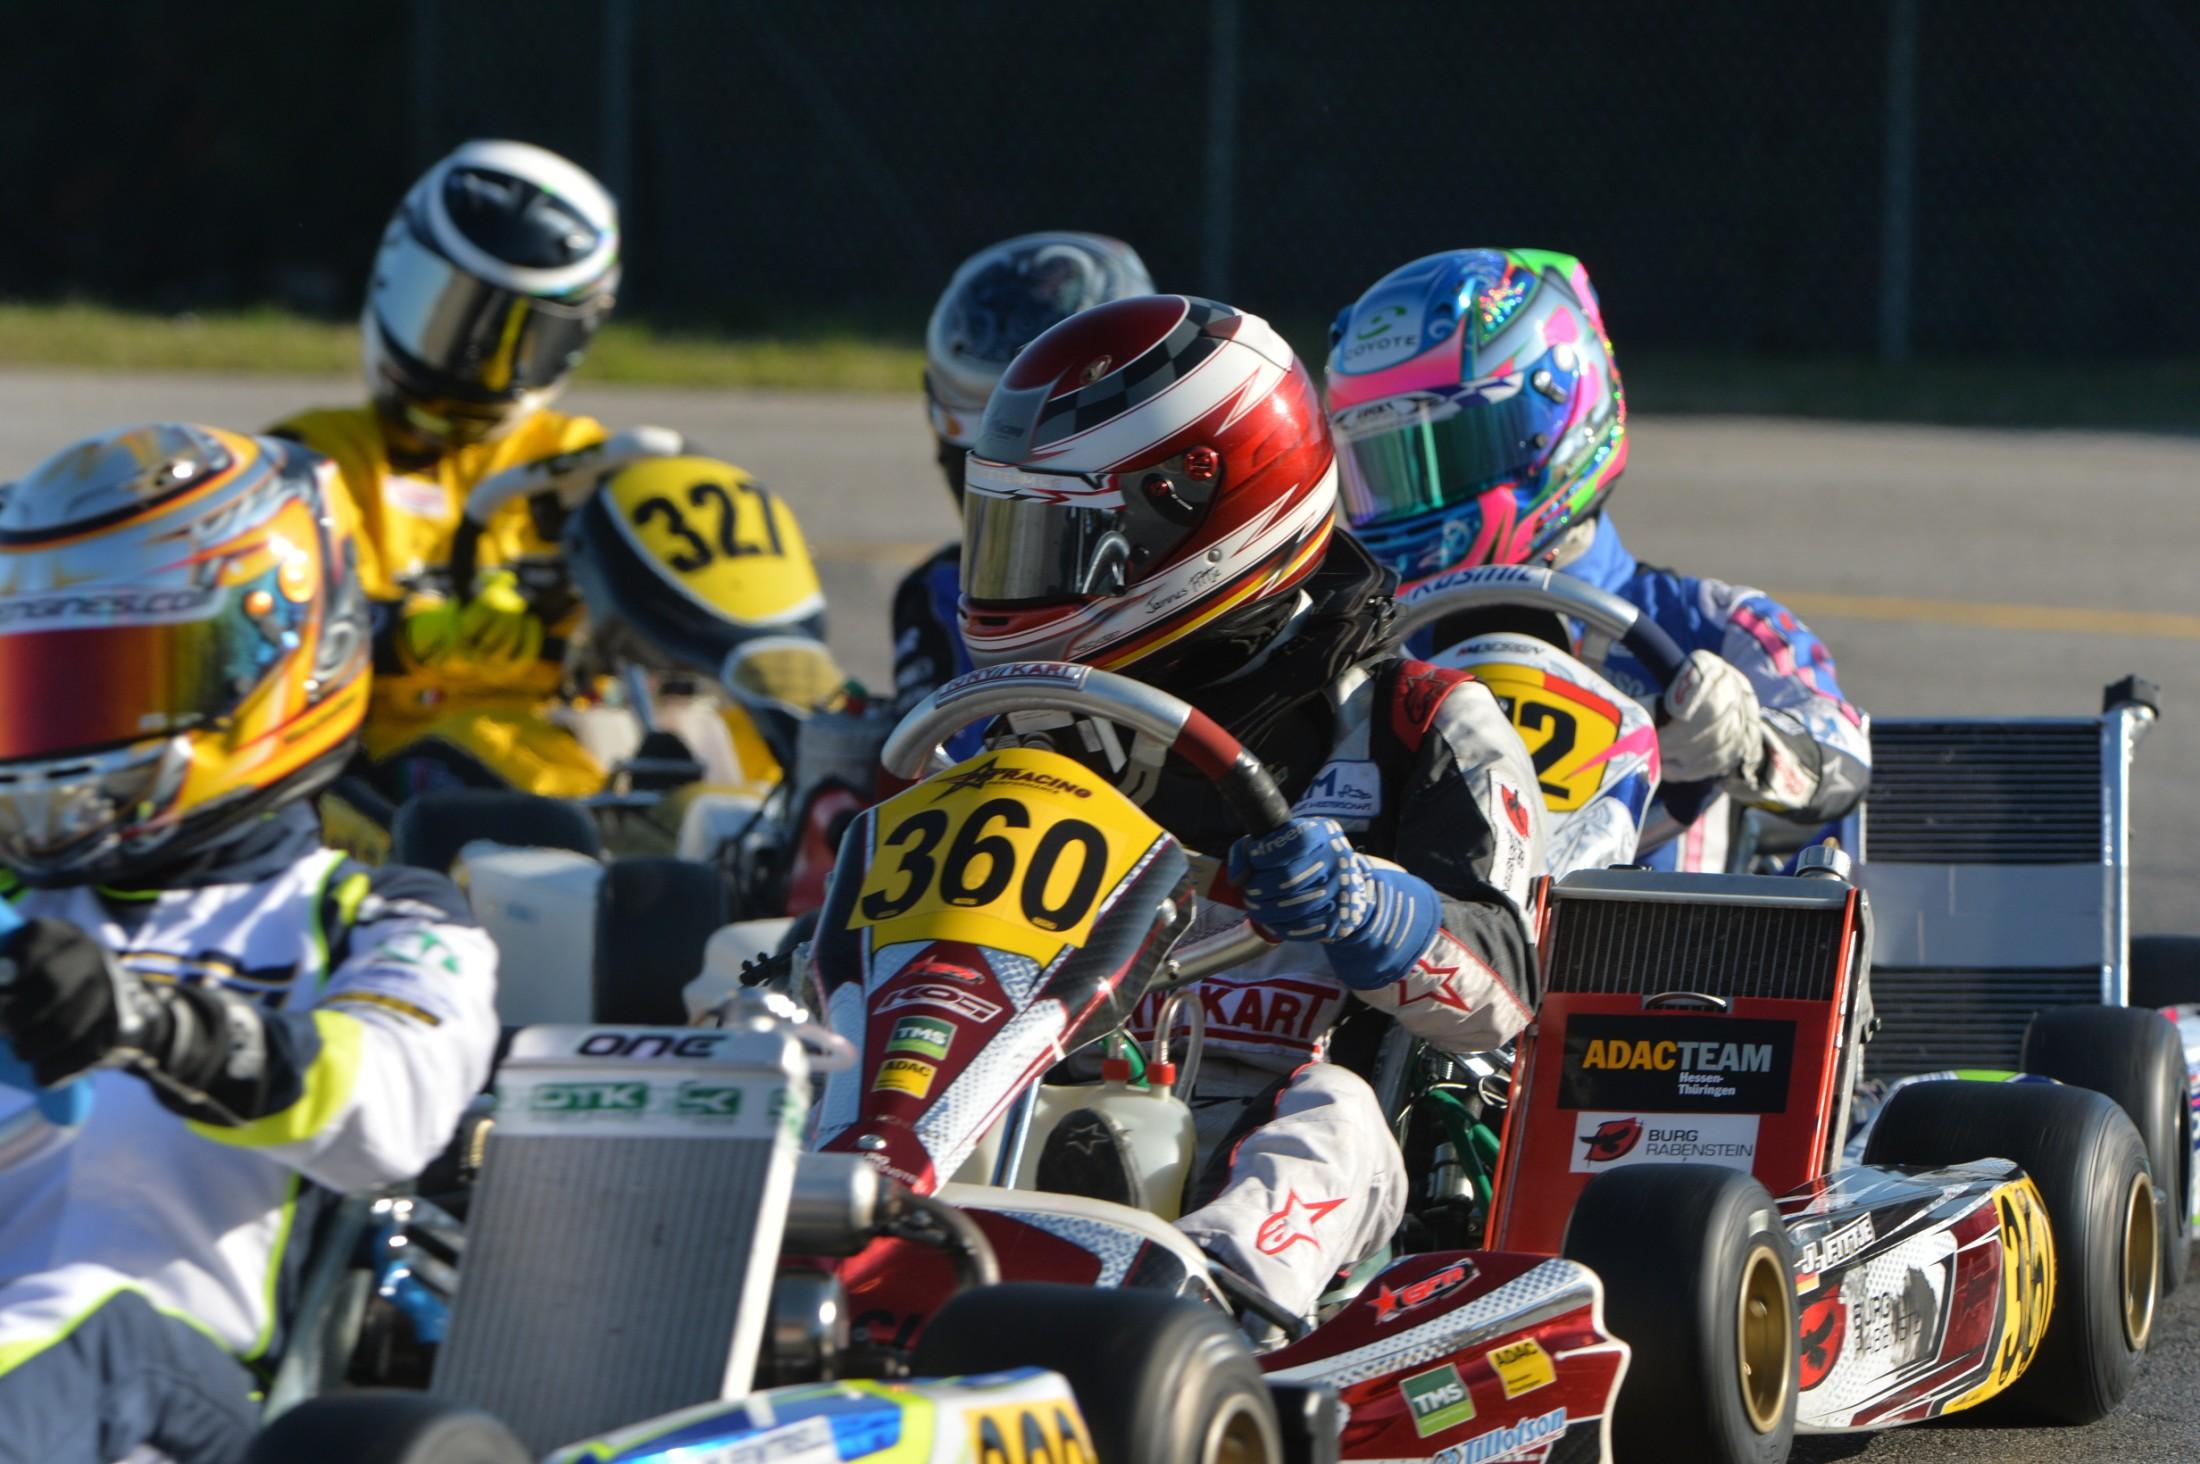 Internationaler Durchbruch für PM Racing